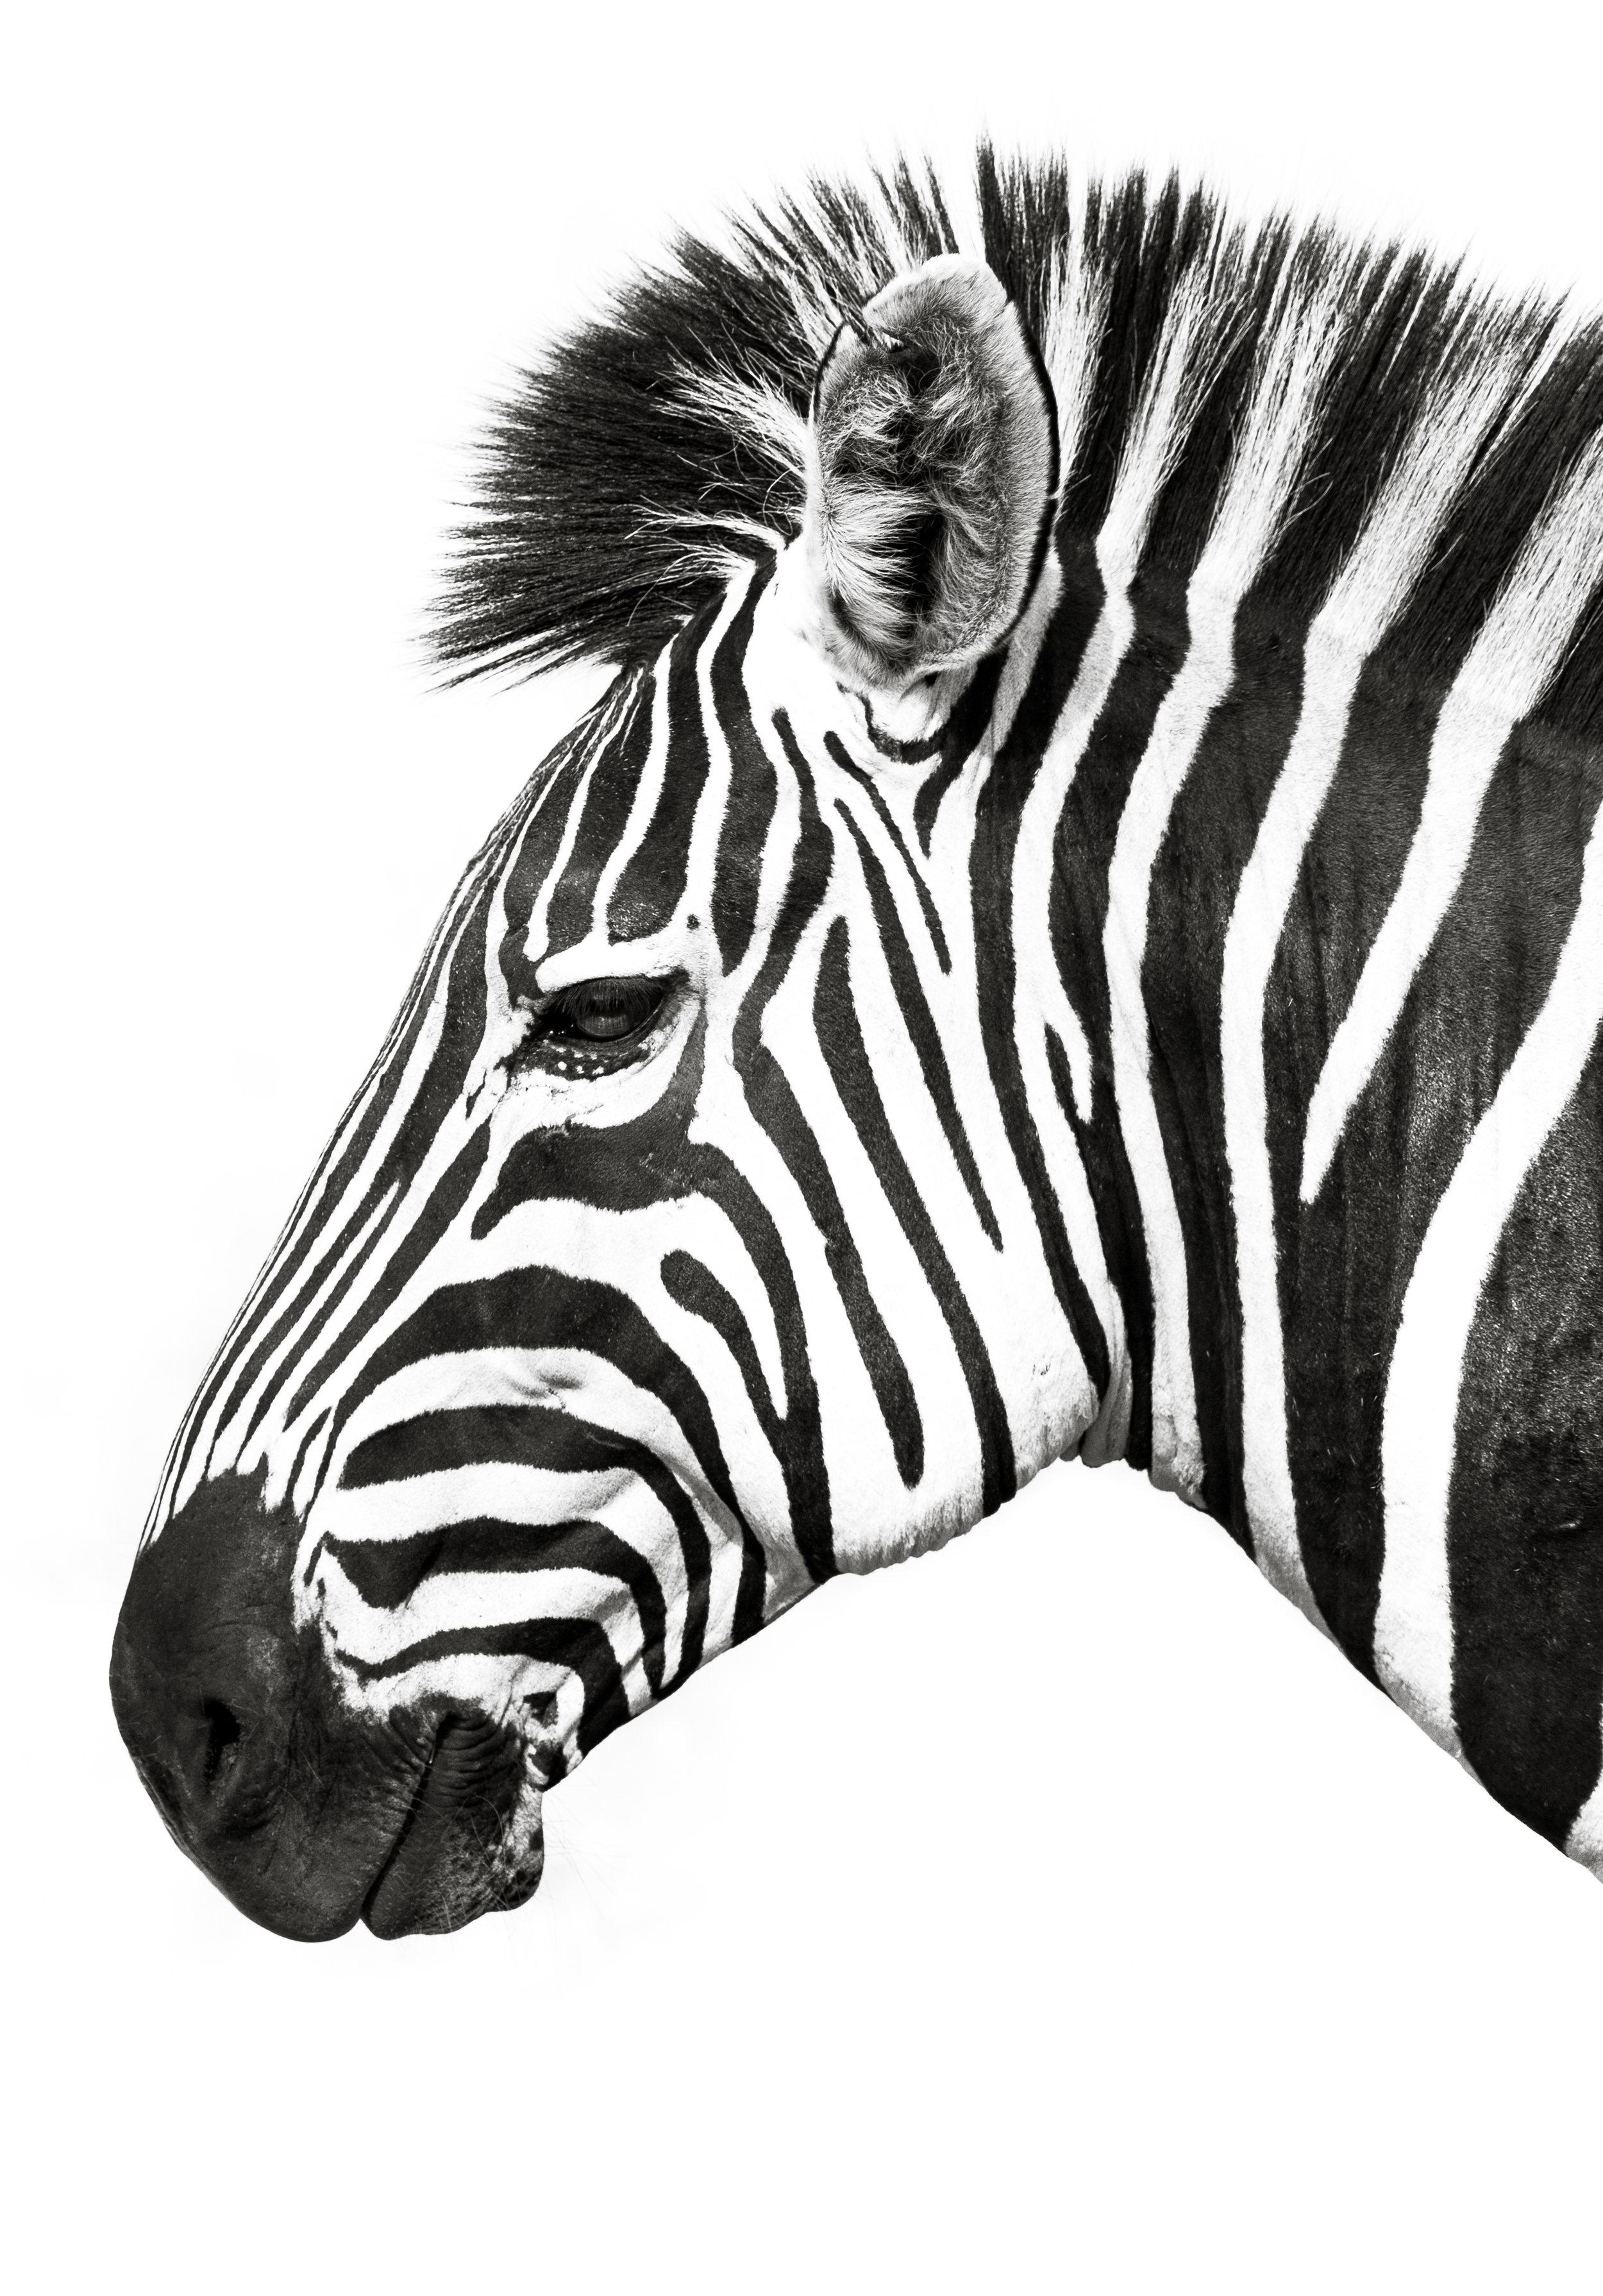 janaina matarazzo_zebra portrait_showcase.jpg